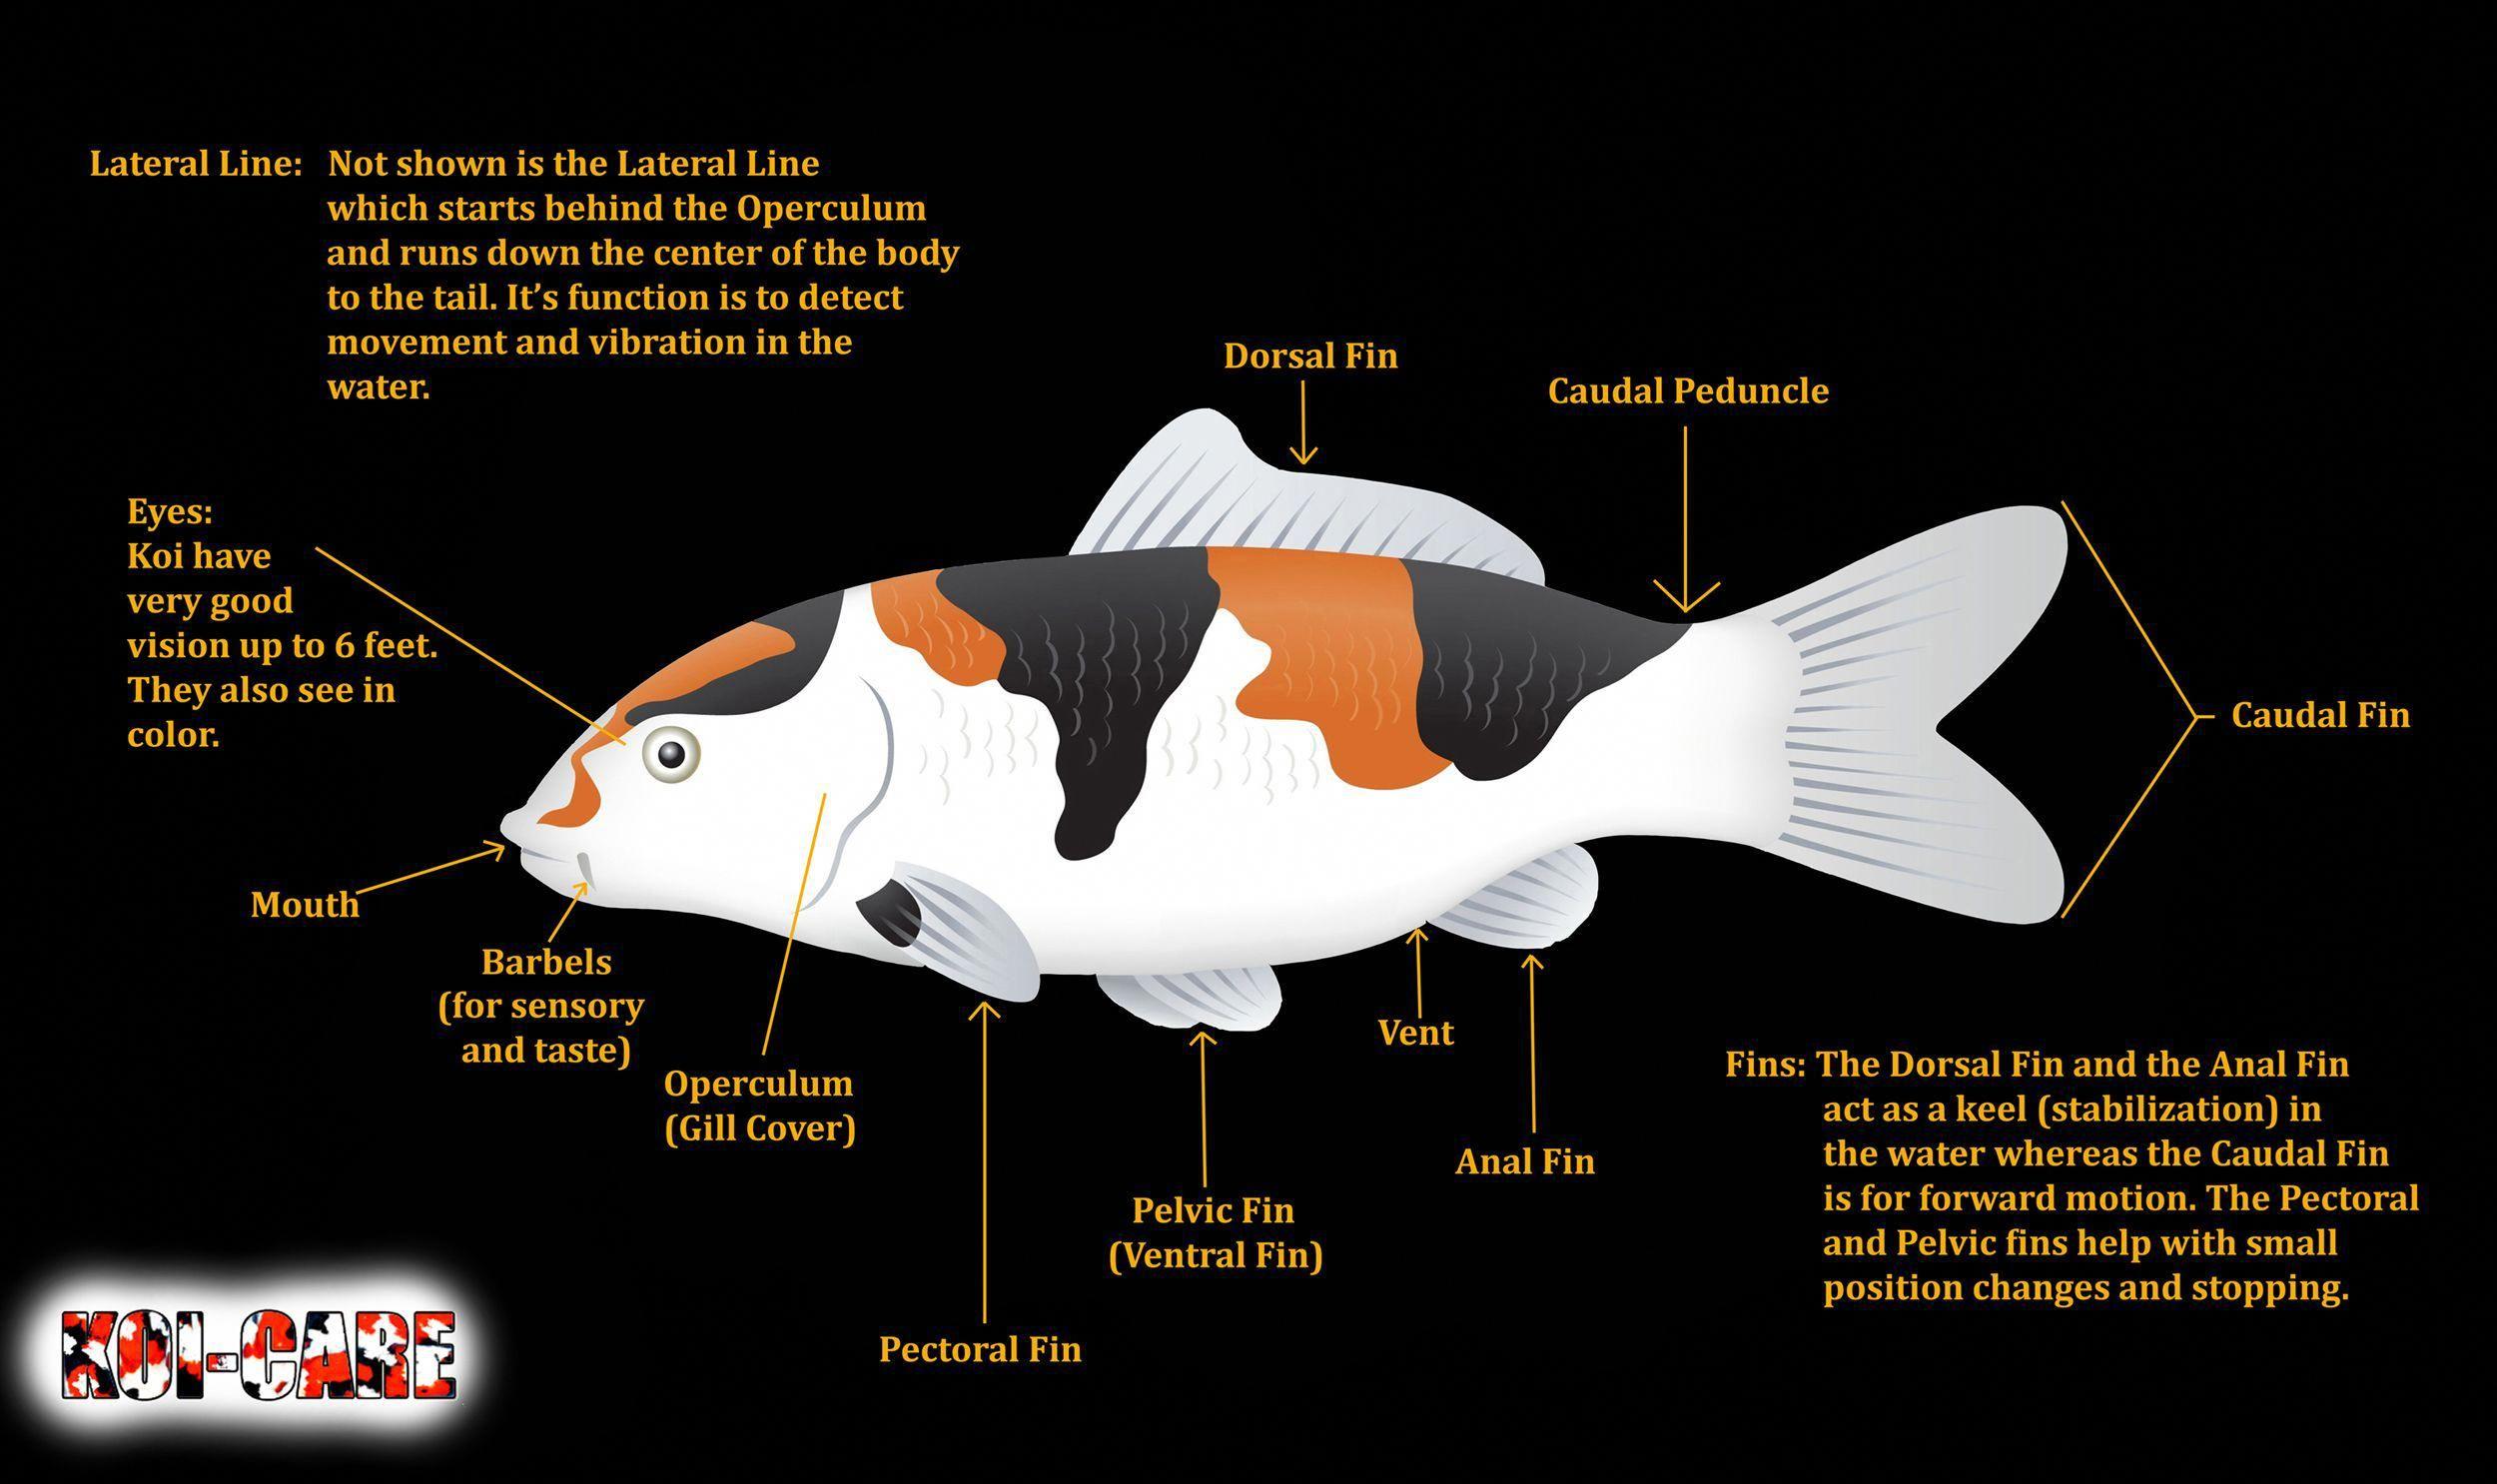 koi fish skeleton anatomy diagram koi fish external anatomy diagram koifishponds [ 2500 x 1486 Pixel ]